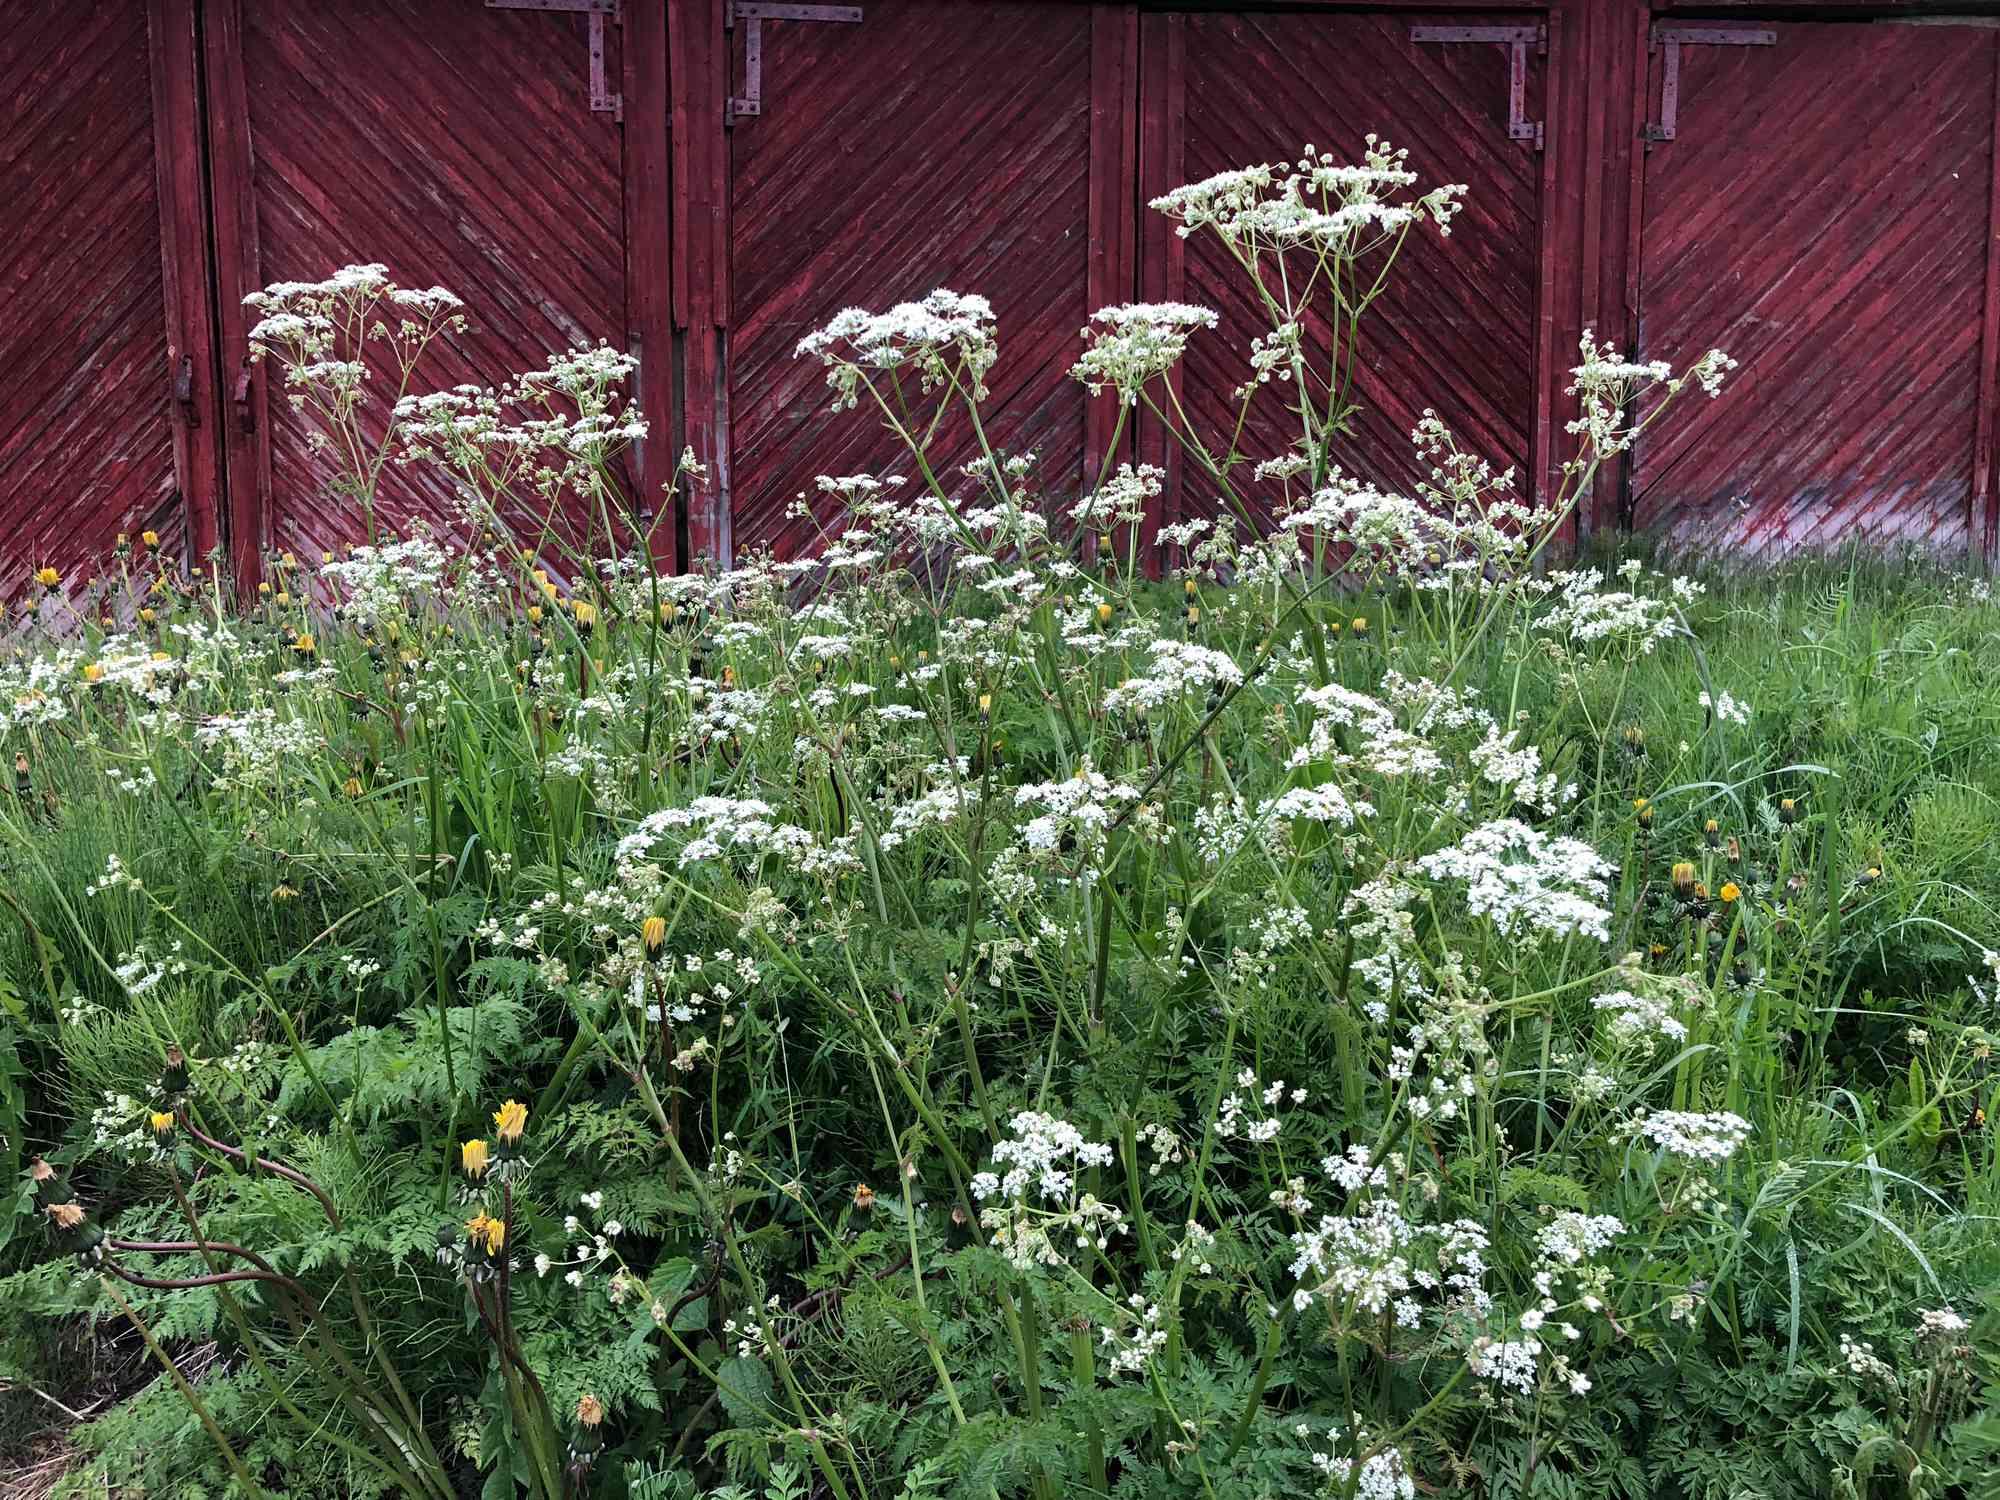 Hemlock growing in a garden